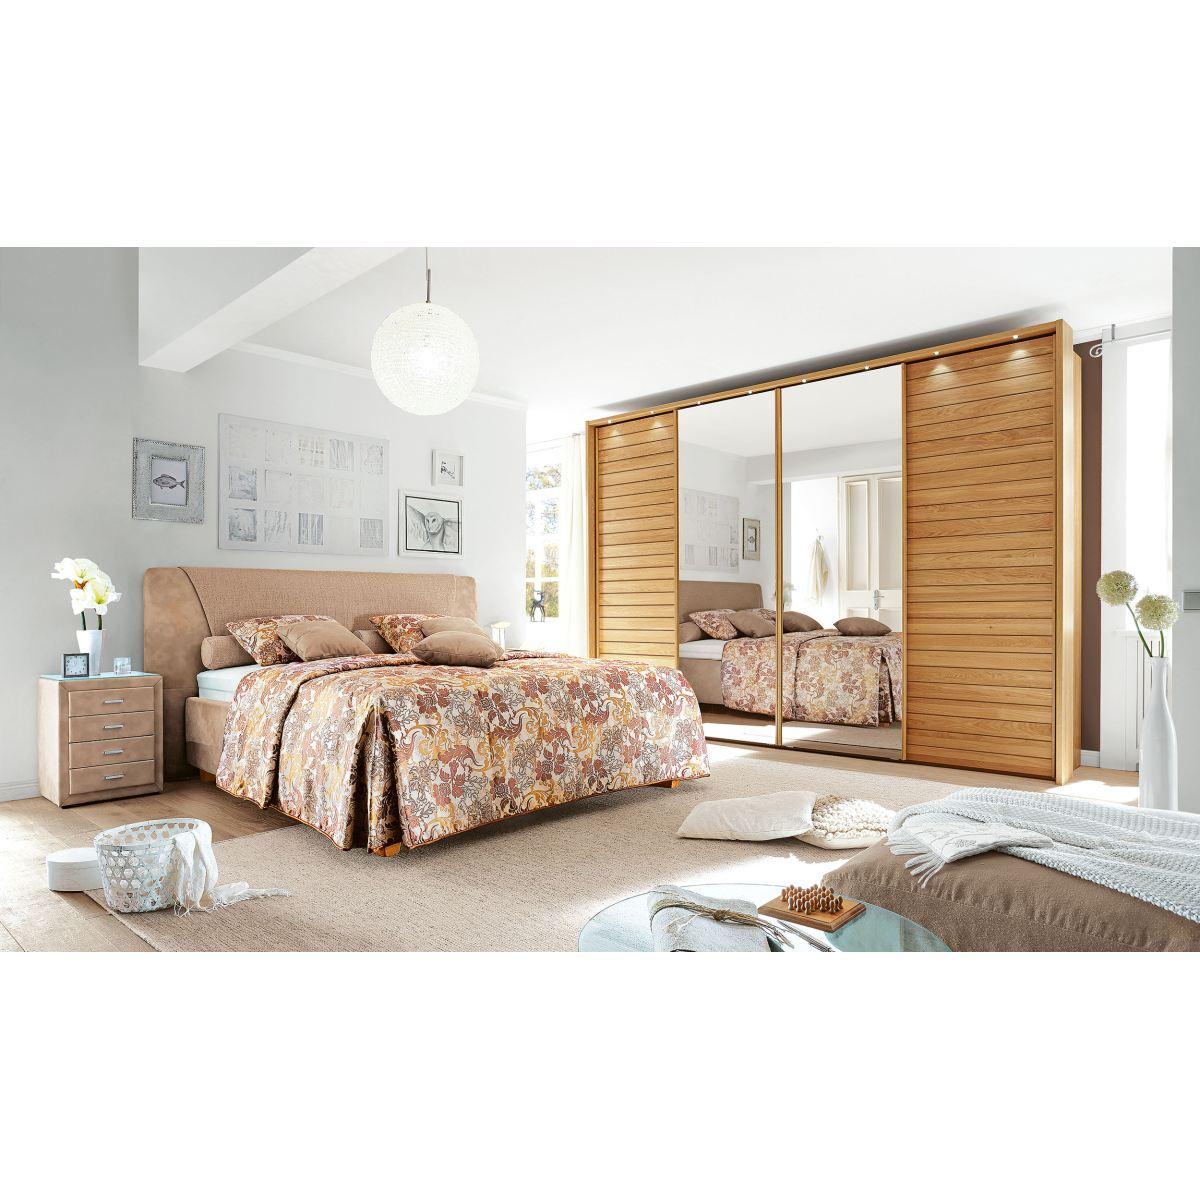 bugatti bett mit kopfteil porta porta onlineshop. Black Bedroom Furniture Sets. Home Design Ideas